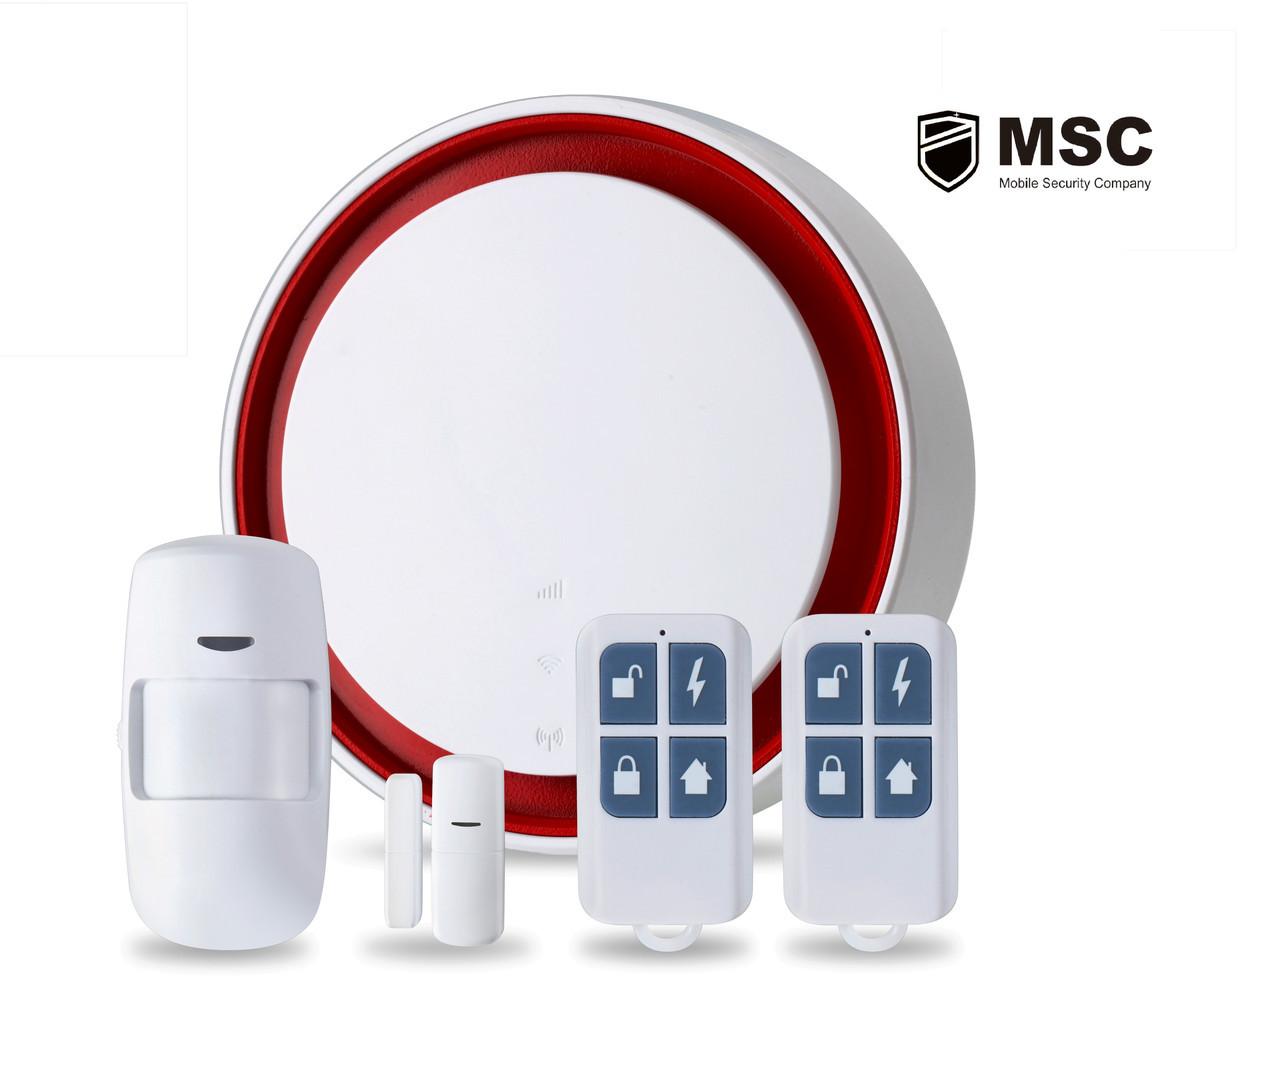 Комплект Wi-Fi GSM сигнализации + Управление бытовыми приборами